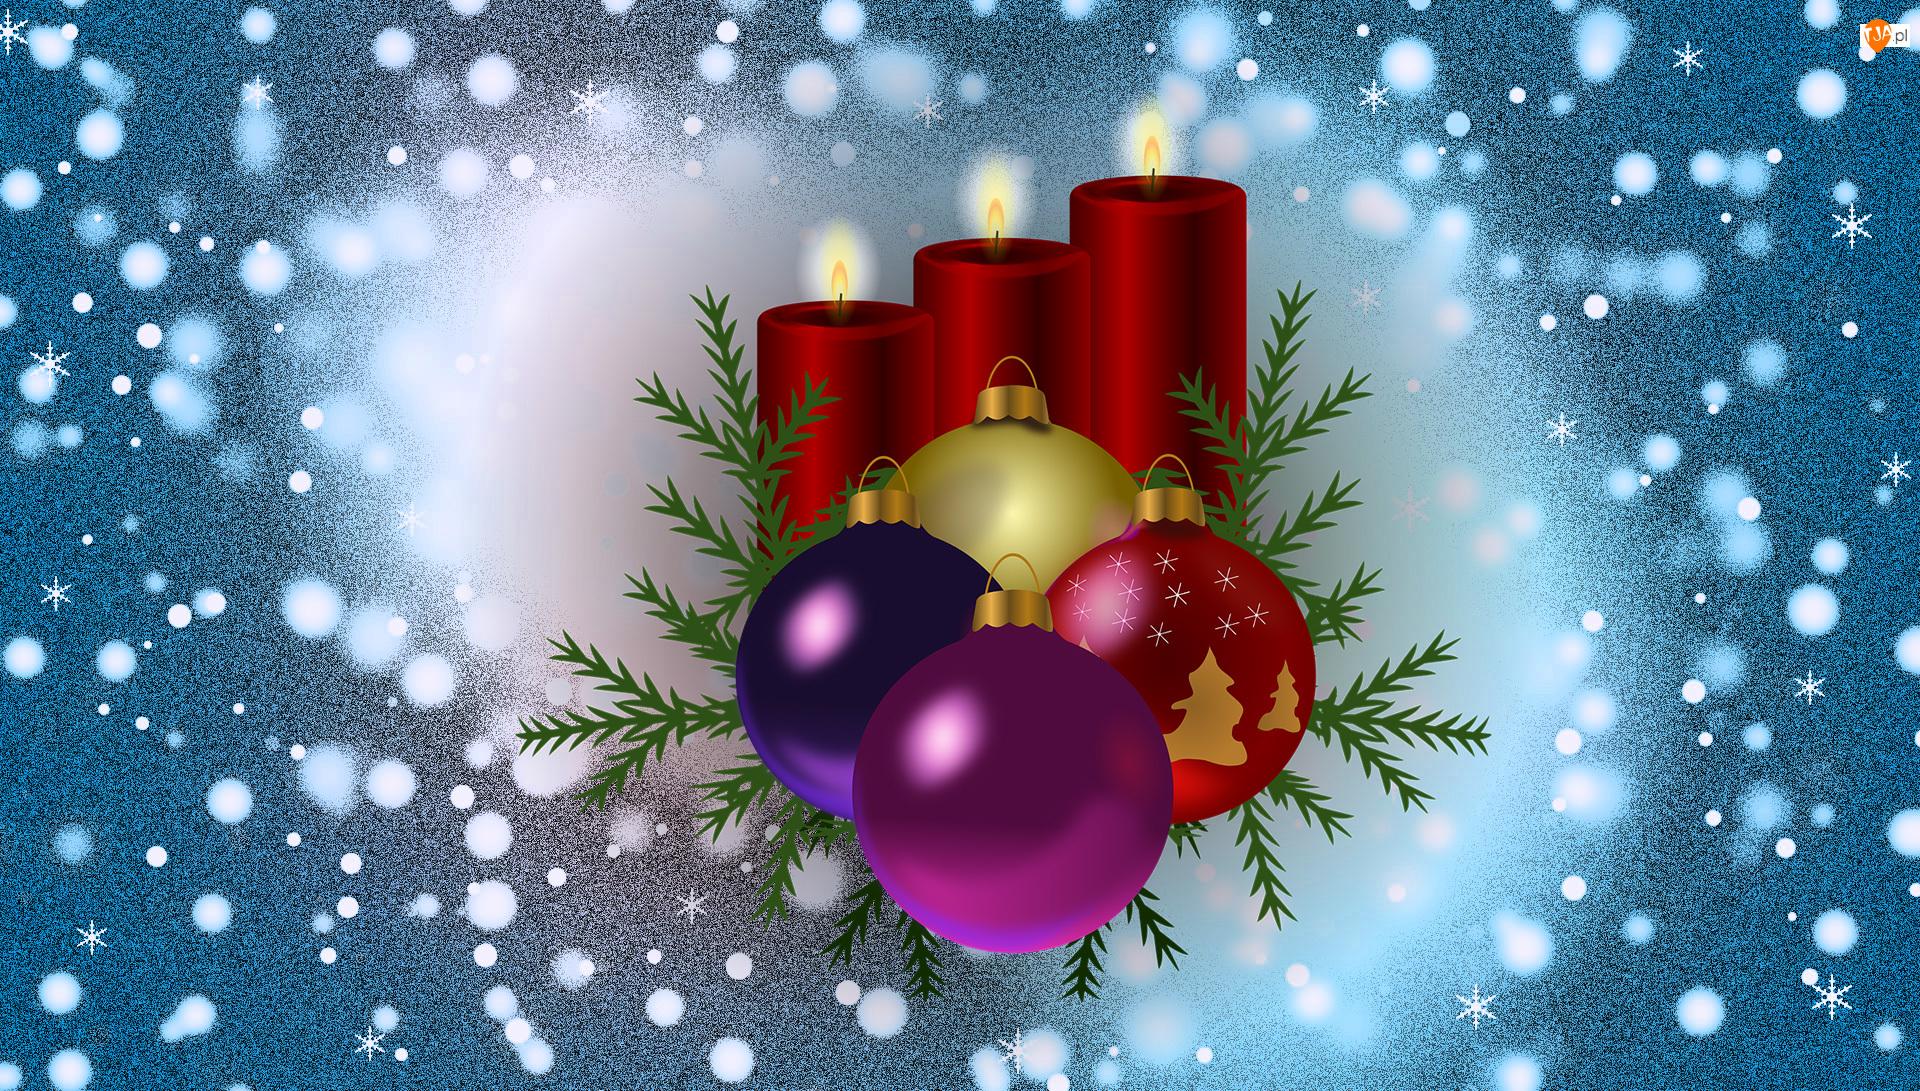 Trzy, Czerwone, Kompozycja, Bombki, Świąteczna, Grafika 2D, Boże Narodzenie, wieczki